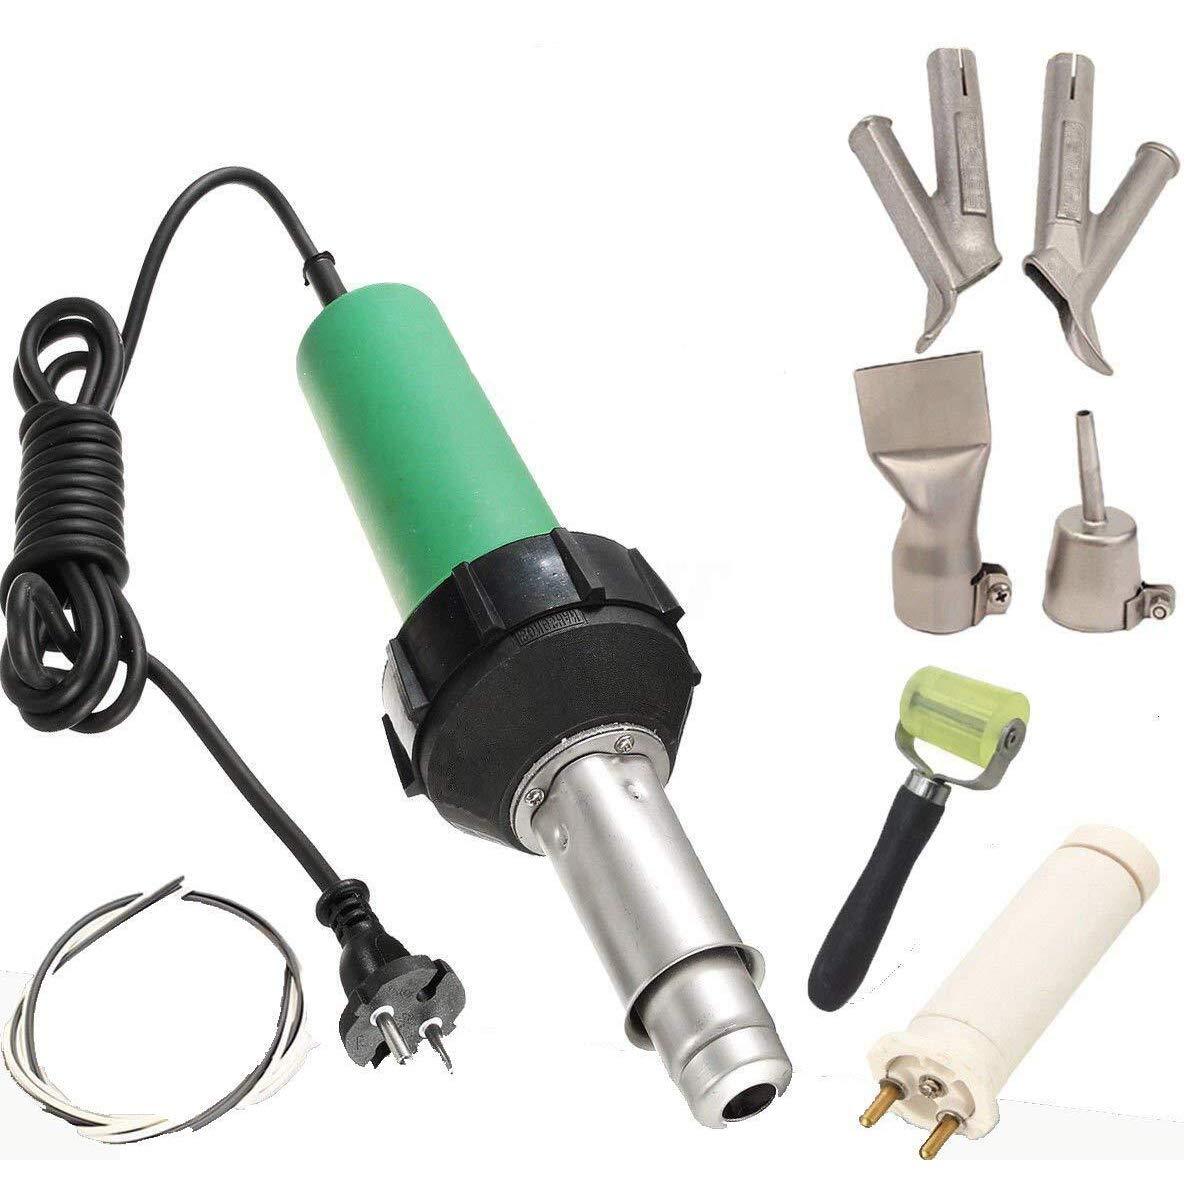 Beyondlife soldador de aire caliente Plástico Pistola profesional PVC vinilo Rod soldadura herramienta 1600W product image